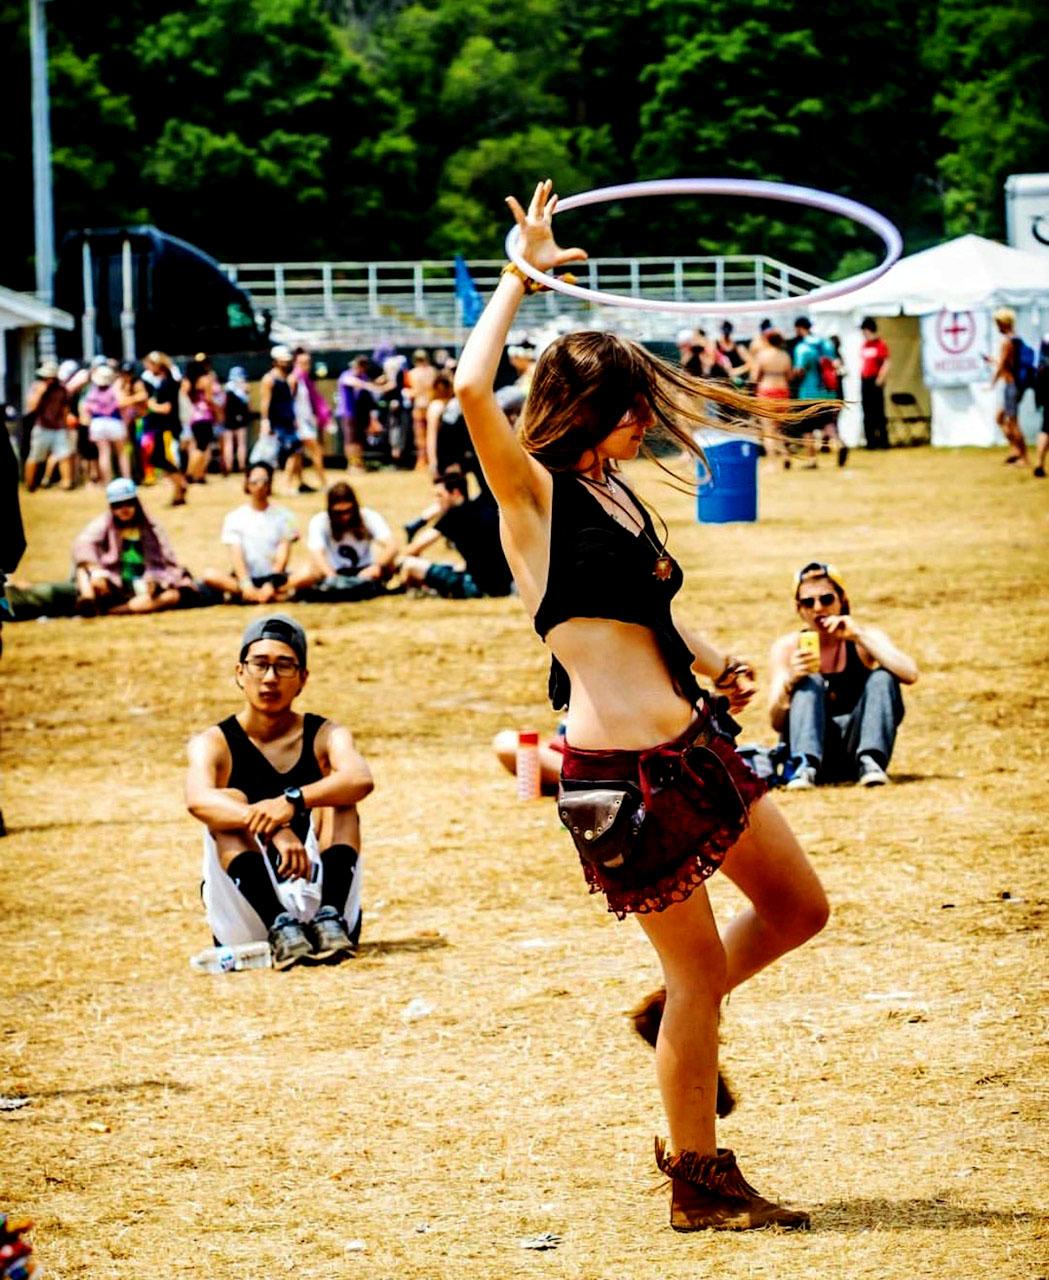 girl hooping in crowd.jpg